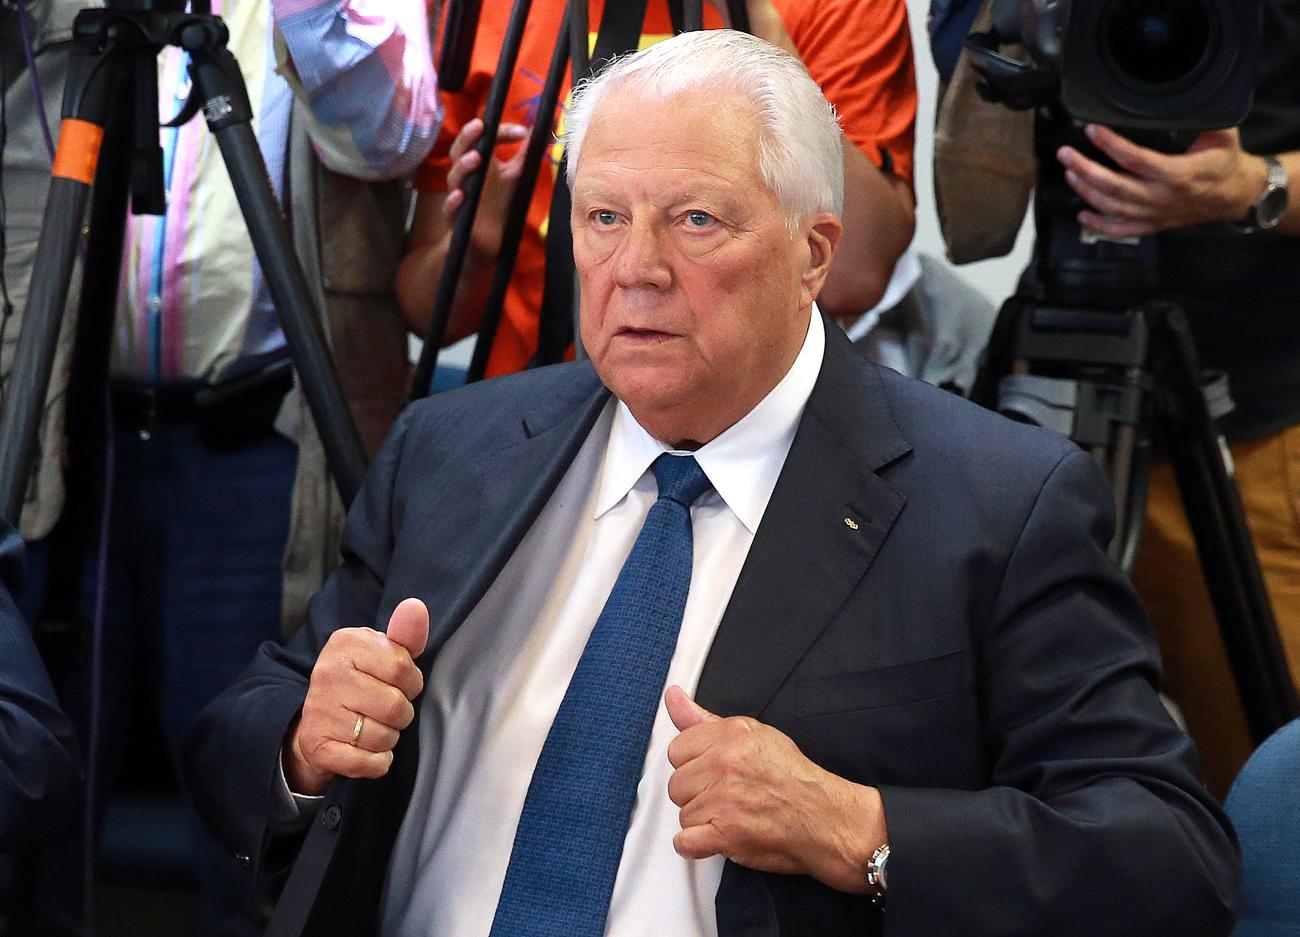 Le sauvetage du sport russe a été confié à Vitaly Smirnov, le plus prestigieux des fonctionnaires sportifs russes.